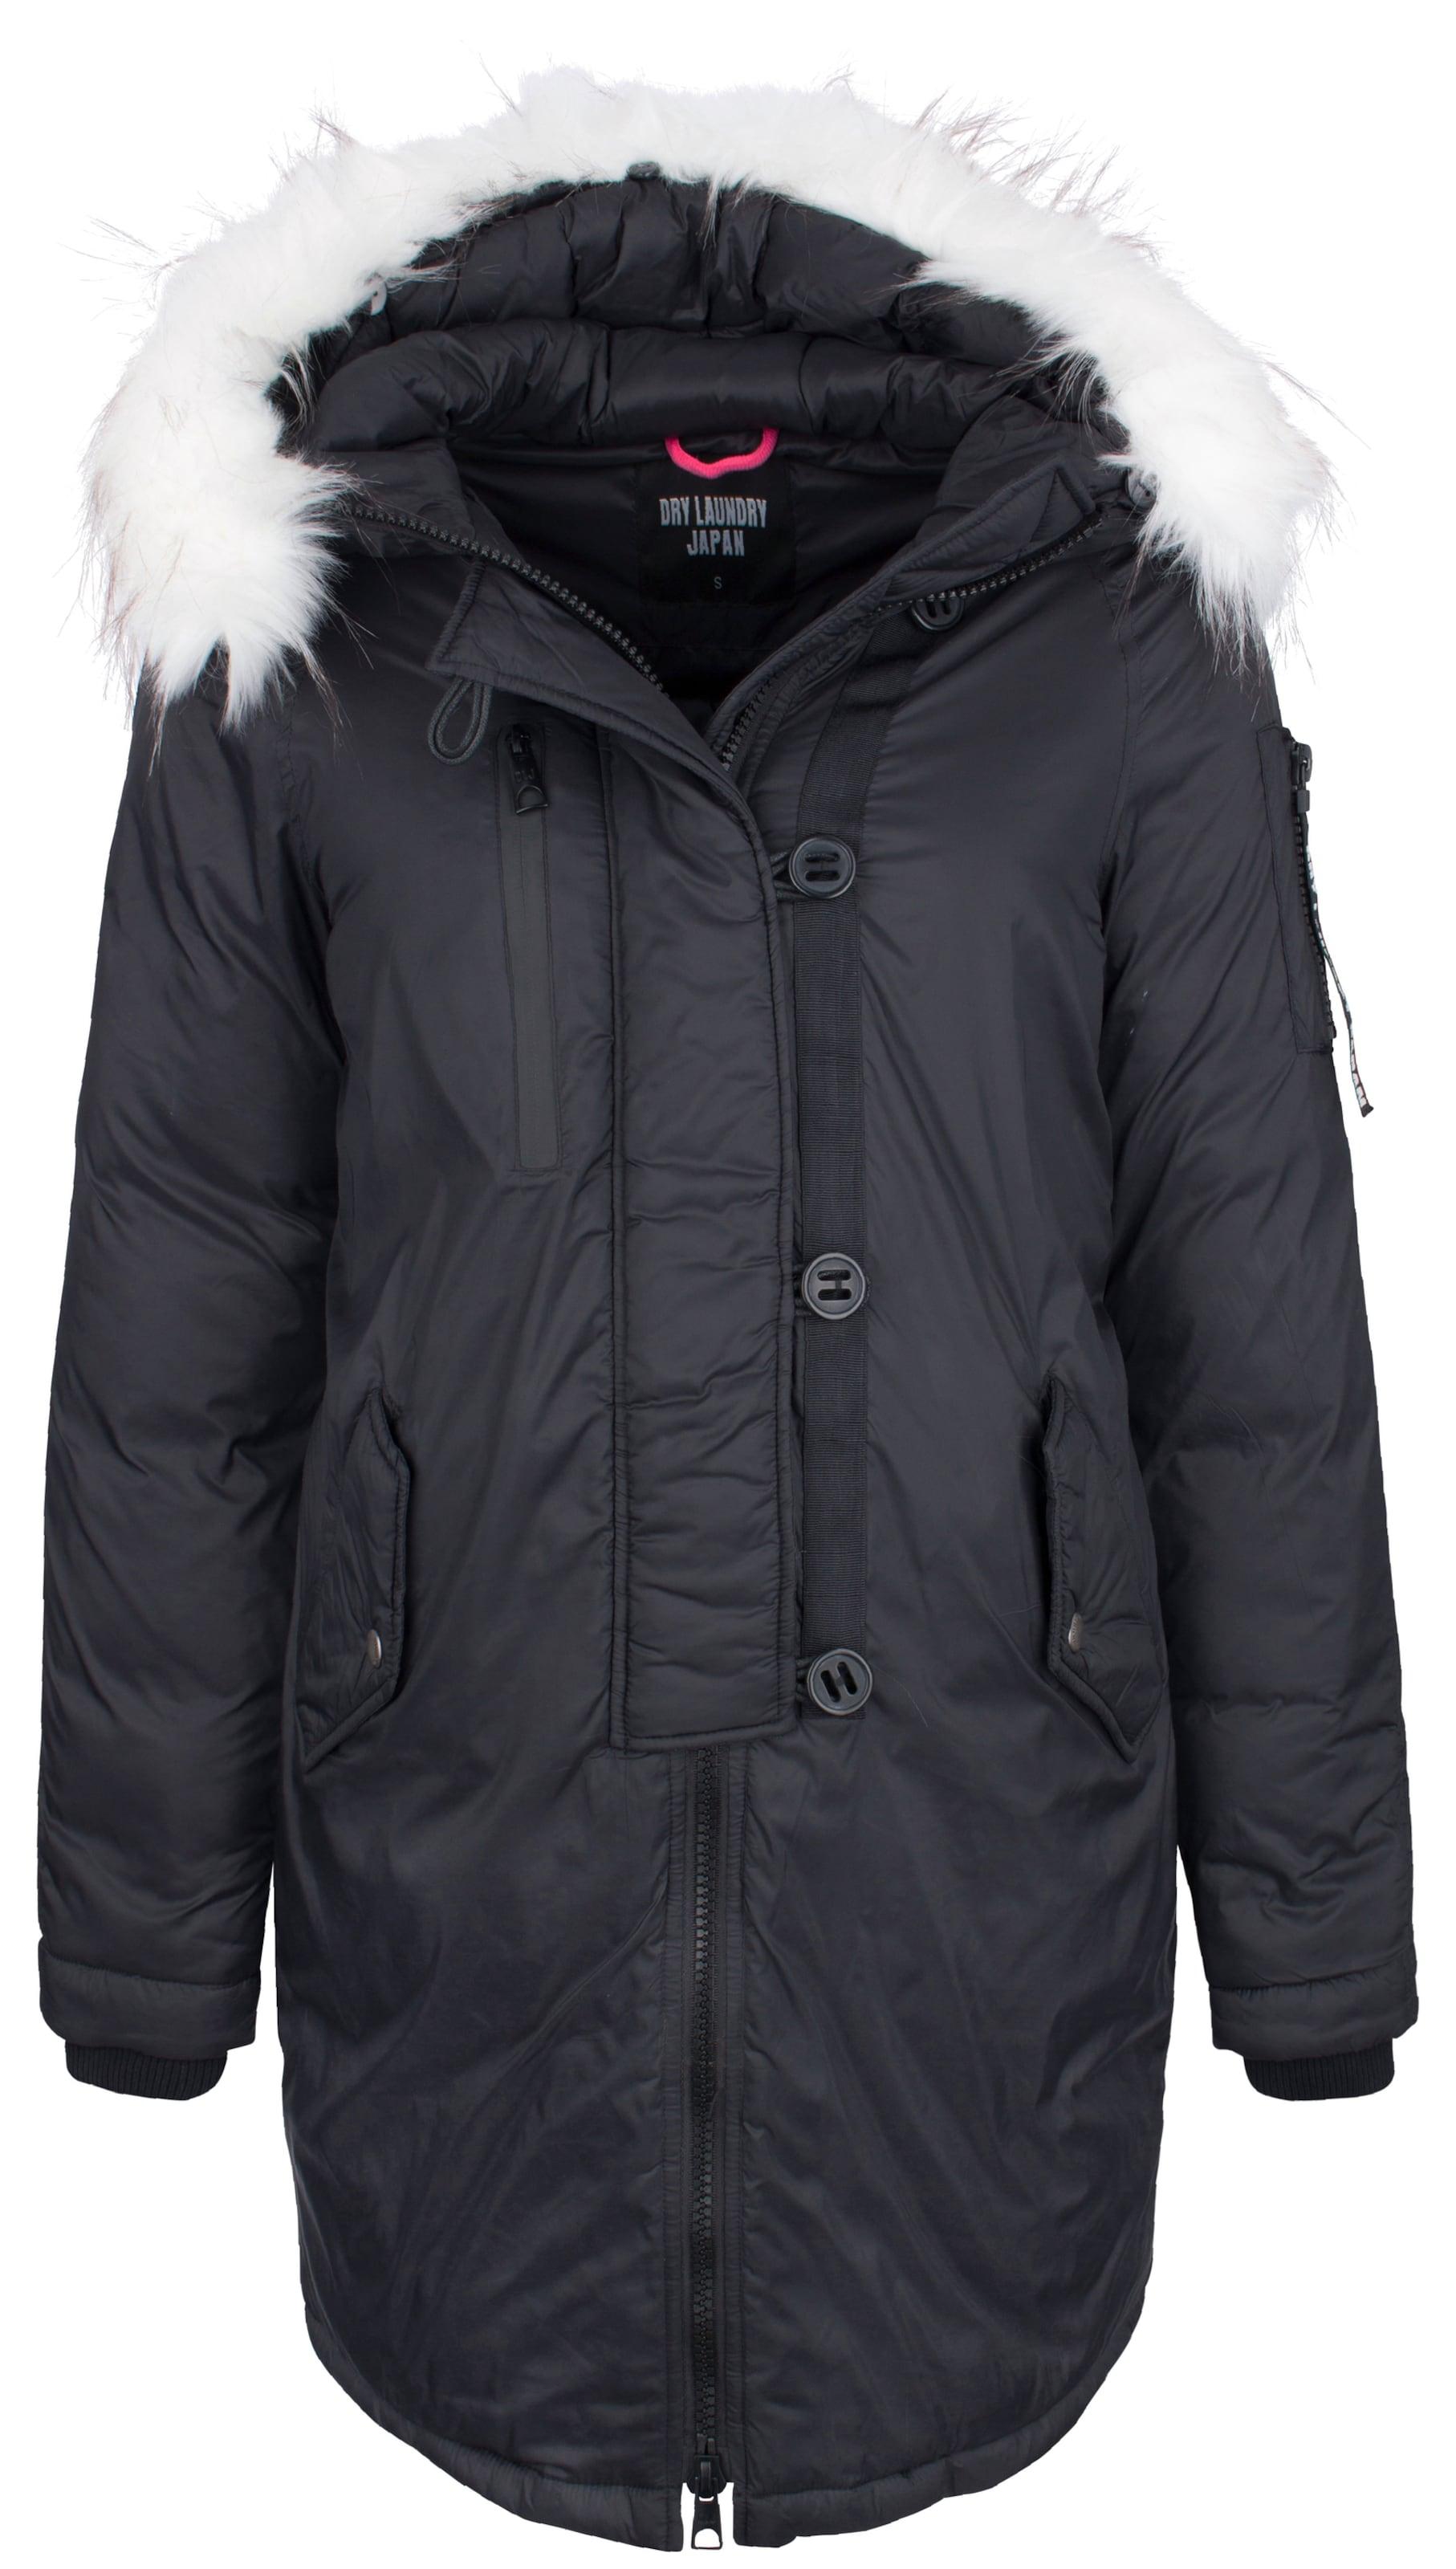 Noir D'hiver Dry Laundry Veste En qSMjVzpGLU